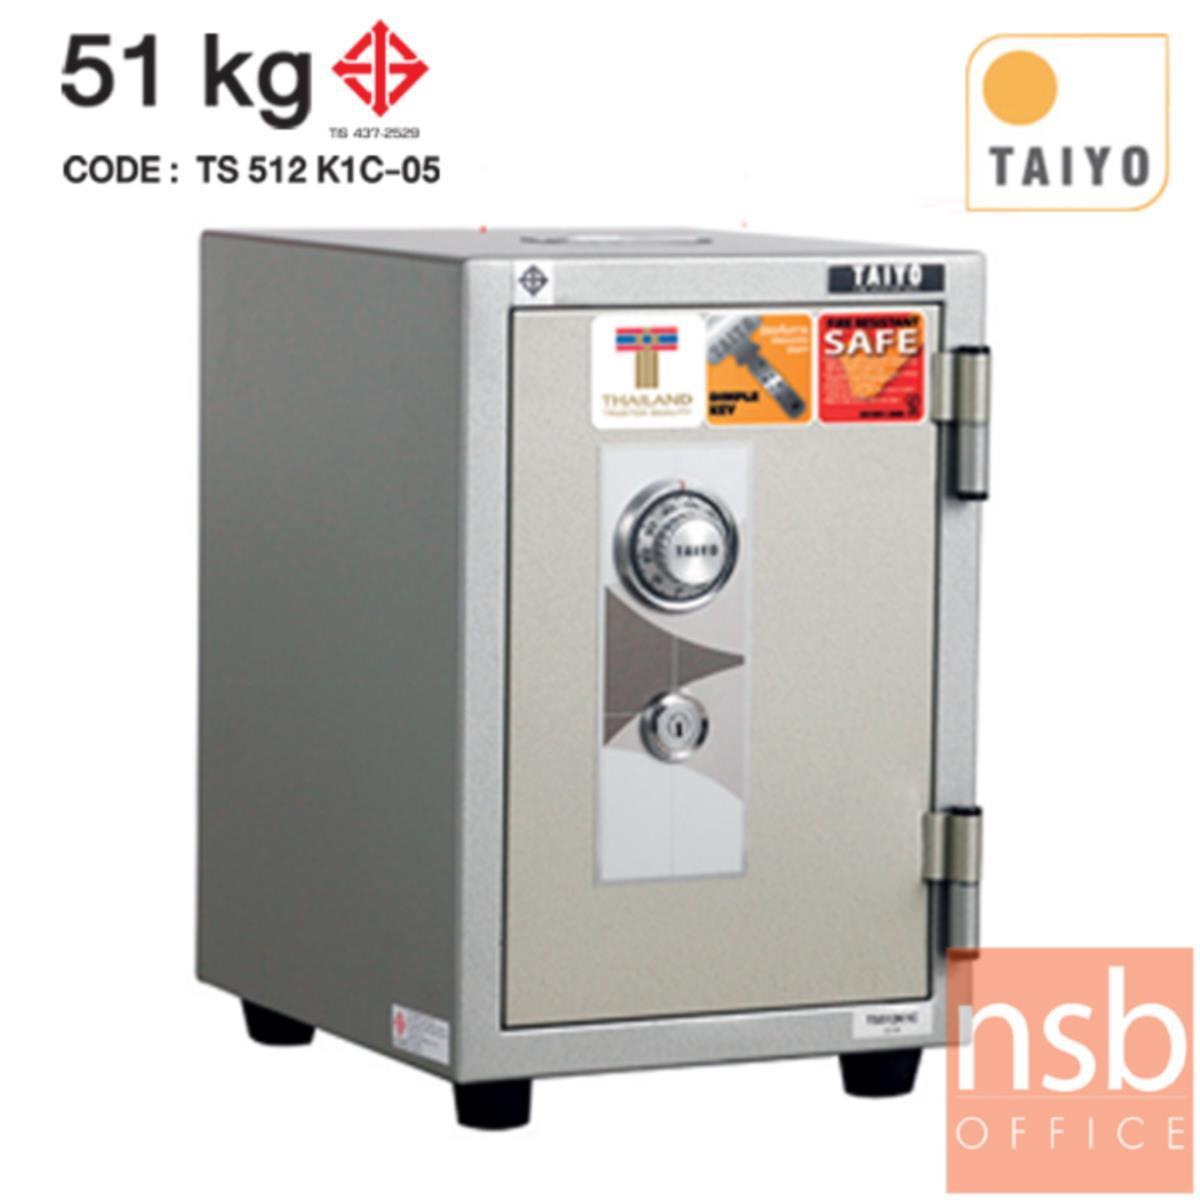 F01A005:ตู้เซฟ TAIYO 51 กก. 1 กุญแจ 1 รหัส   (TS 512 K1C มอก.)